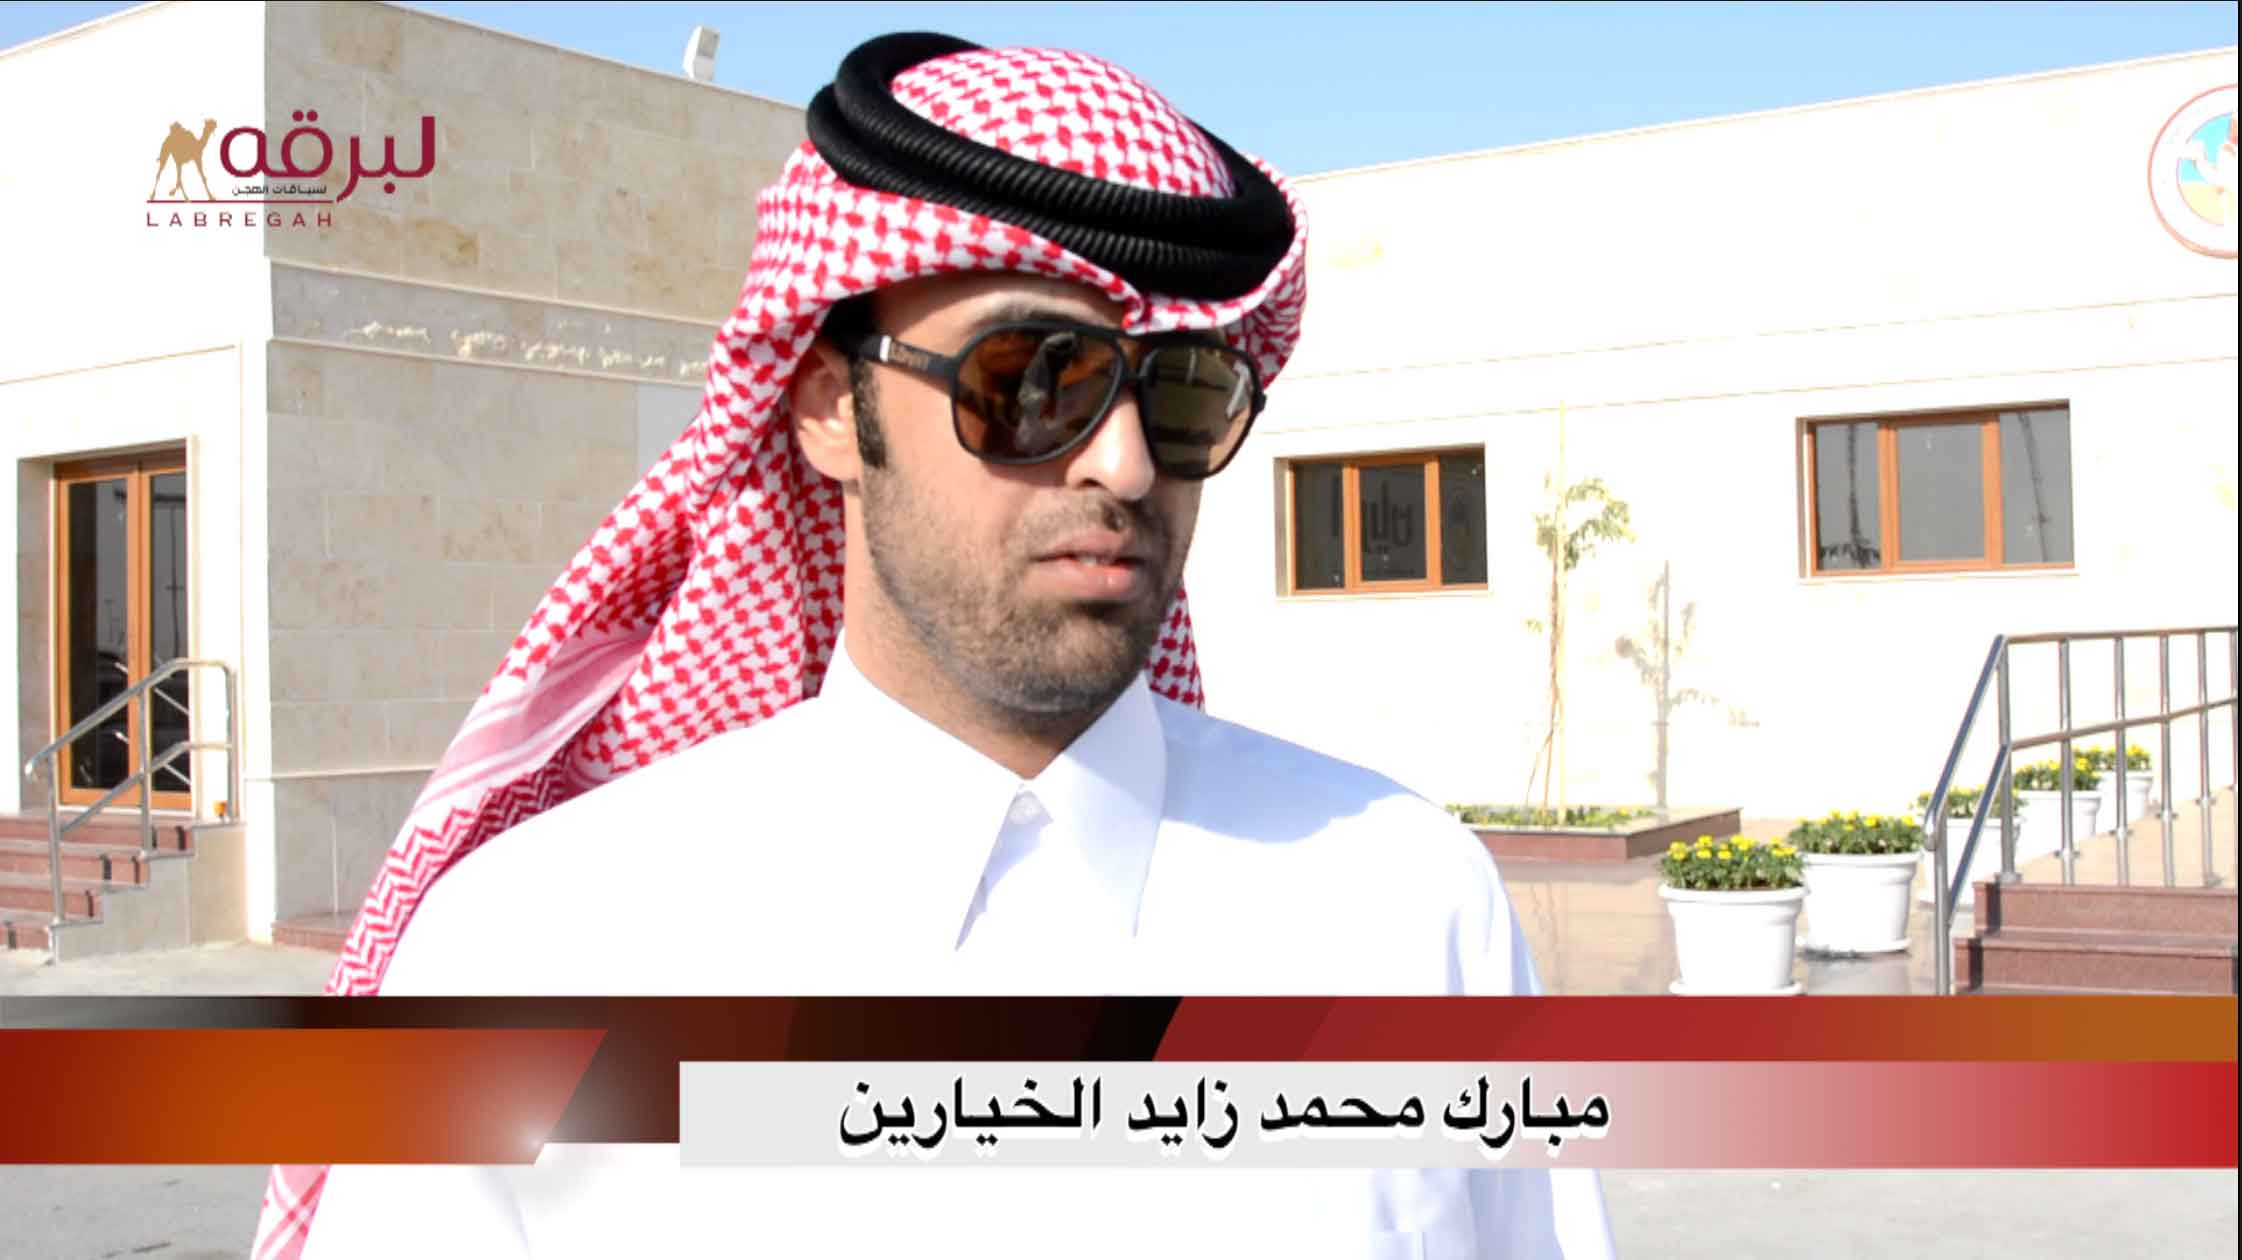 لقاء مع مبارك محمد زايد الخيارين.. الخنجر الفضي جذاع قعدان « عمانيات » الأشواط العامة  ٢٠-١-٢٠٢١